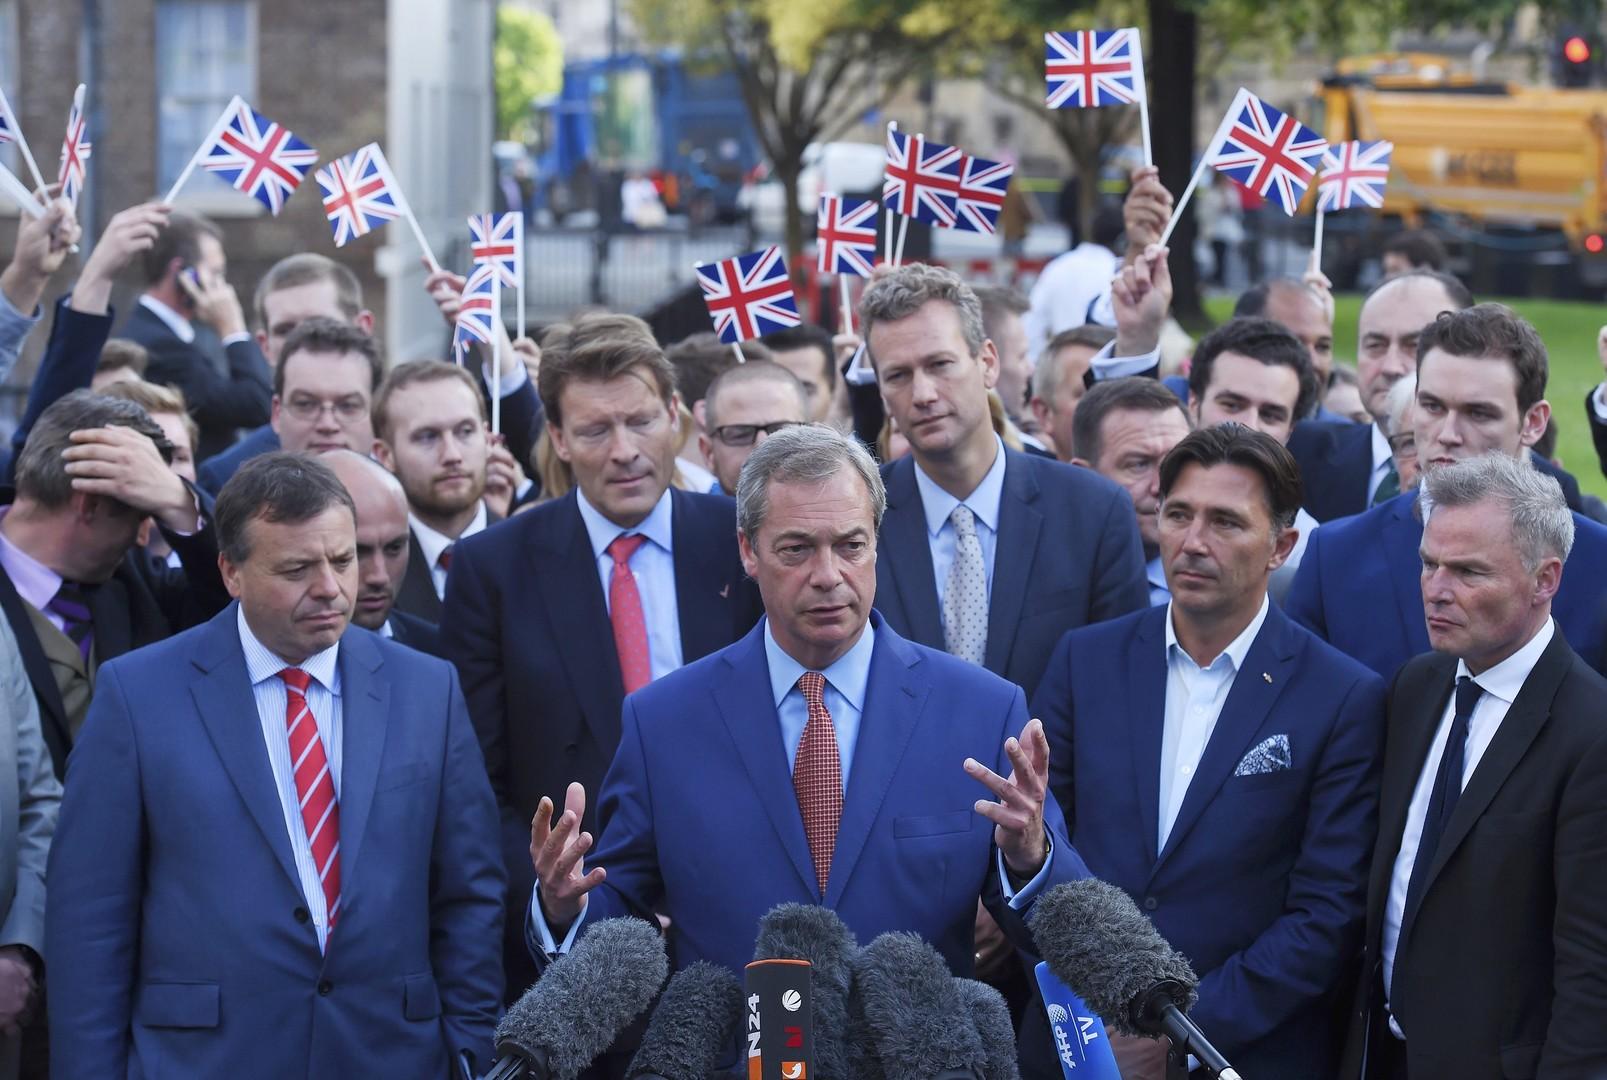 Британский референдум: что говорят политики и эксперты